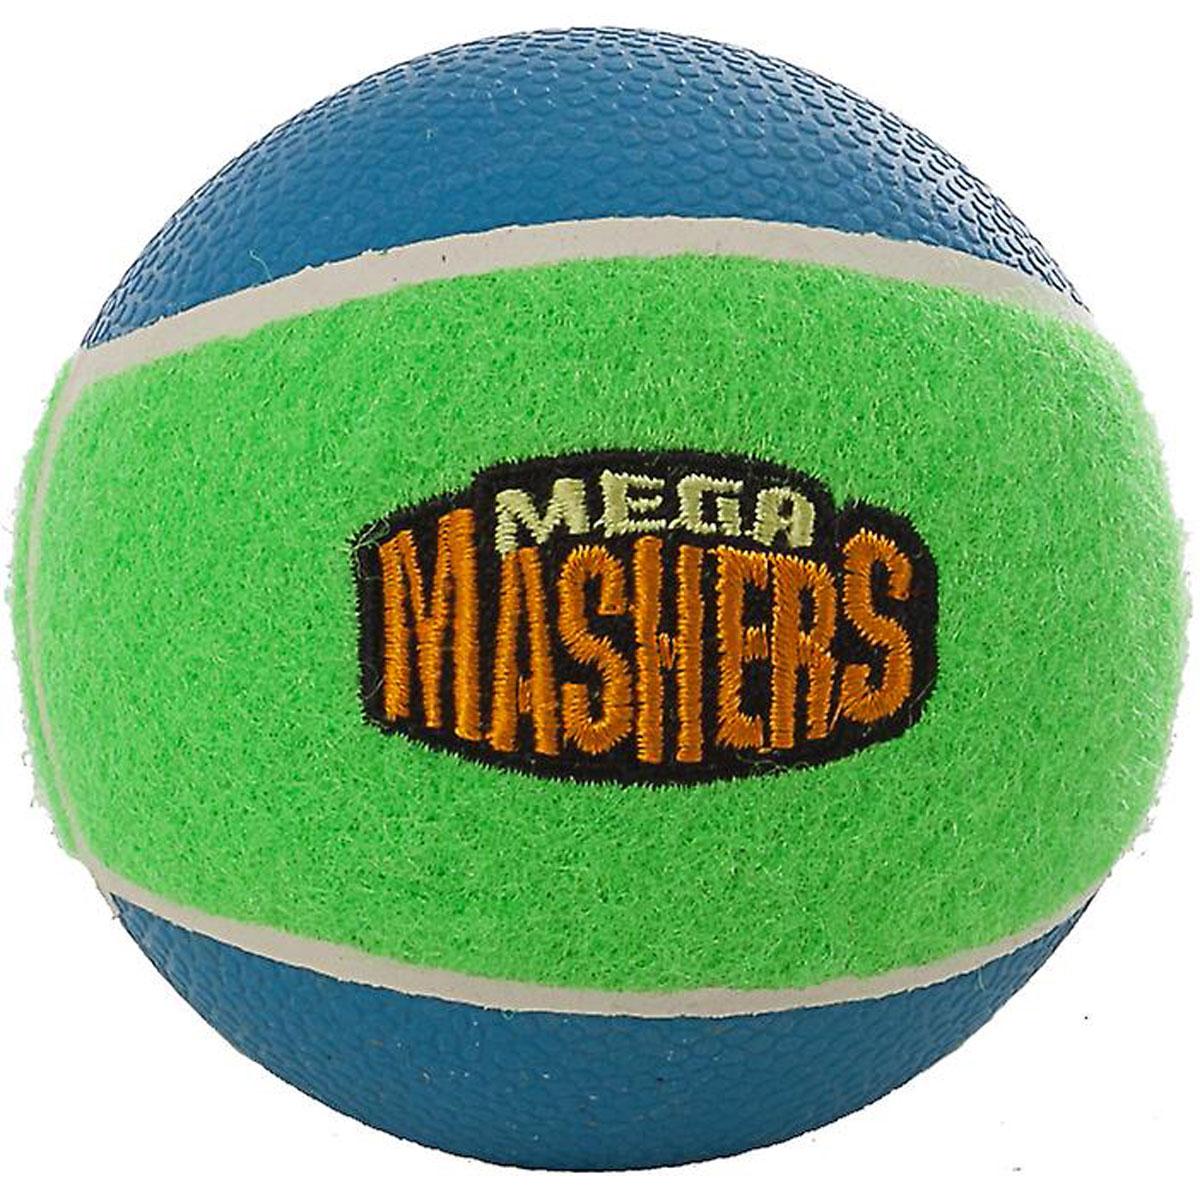 Игрушка для собак Mega Mashers Мячик, диаметр 8 см1904Игрушка для собак Mega Mashers Мячик выполнена из специальной усиленной вспененной резины, т.е. игрушка не полая, а литая и в то же время очень гибкая и упругая. Покрыта синтетическим фетром. Игрушка оформлена в стиле теннисного мячика. Она порадует вашего любимца, а вам доставит массу приятных эмоций, ведь наблюдать за игрой всегда интересно и приятно. Даже оставшись в одиночестве, ваша собака будет увлеченно играть в эту игрушку. Диаметр: 8 см.